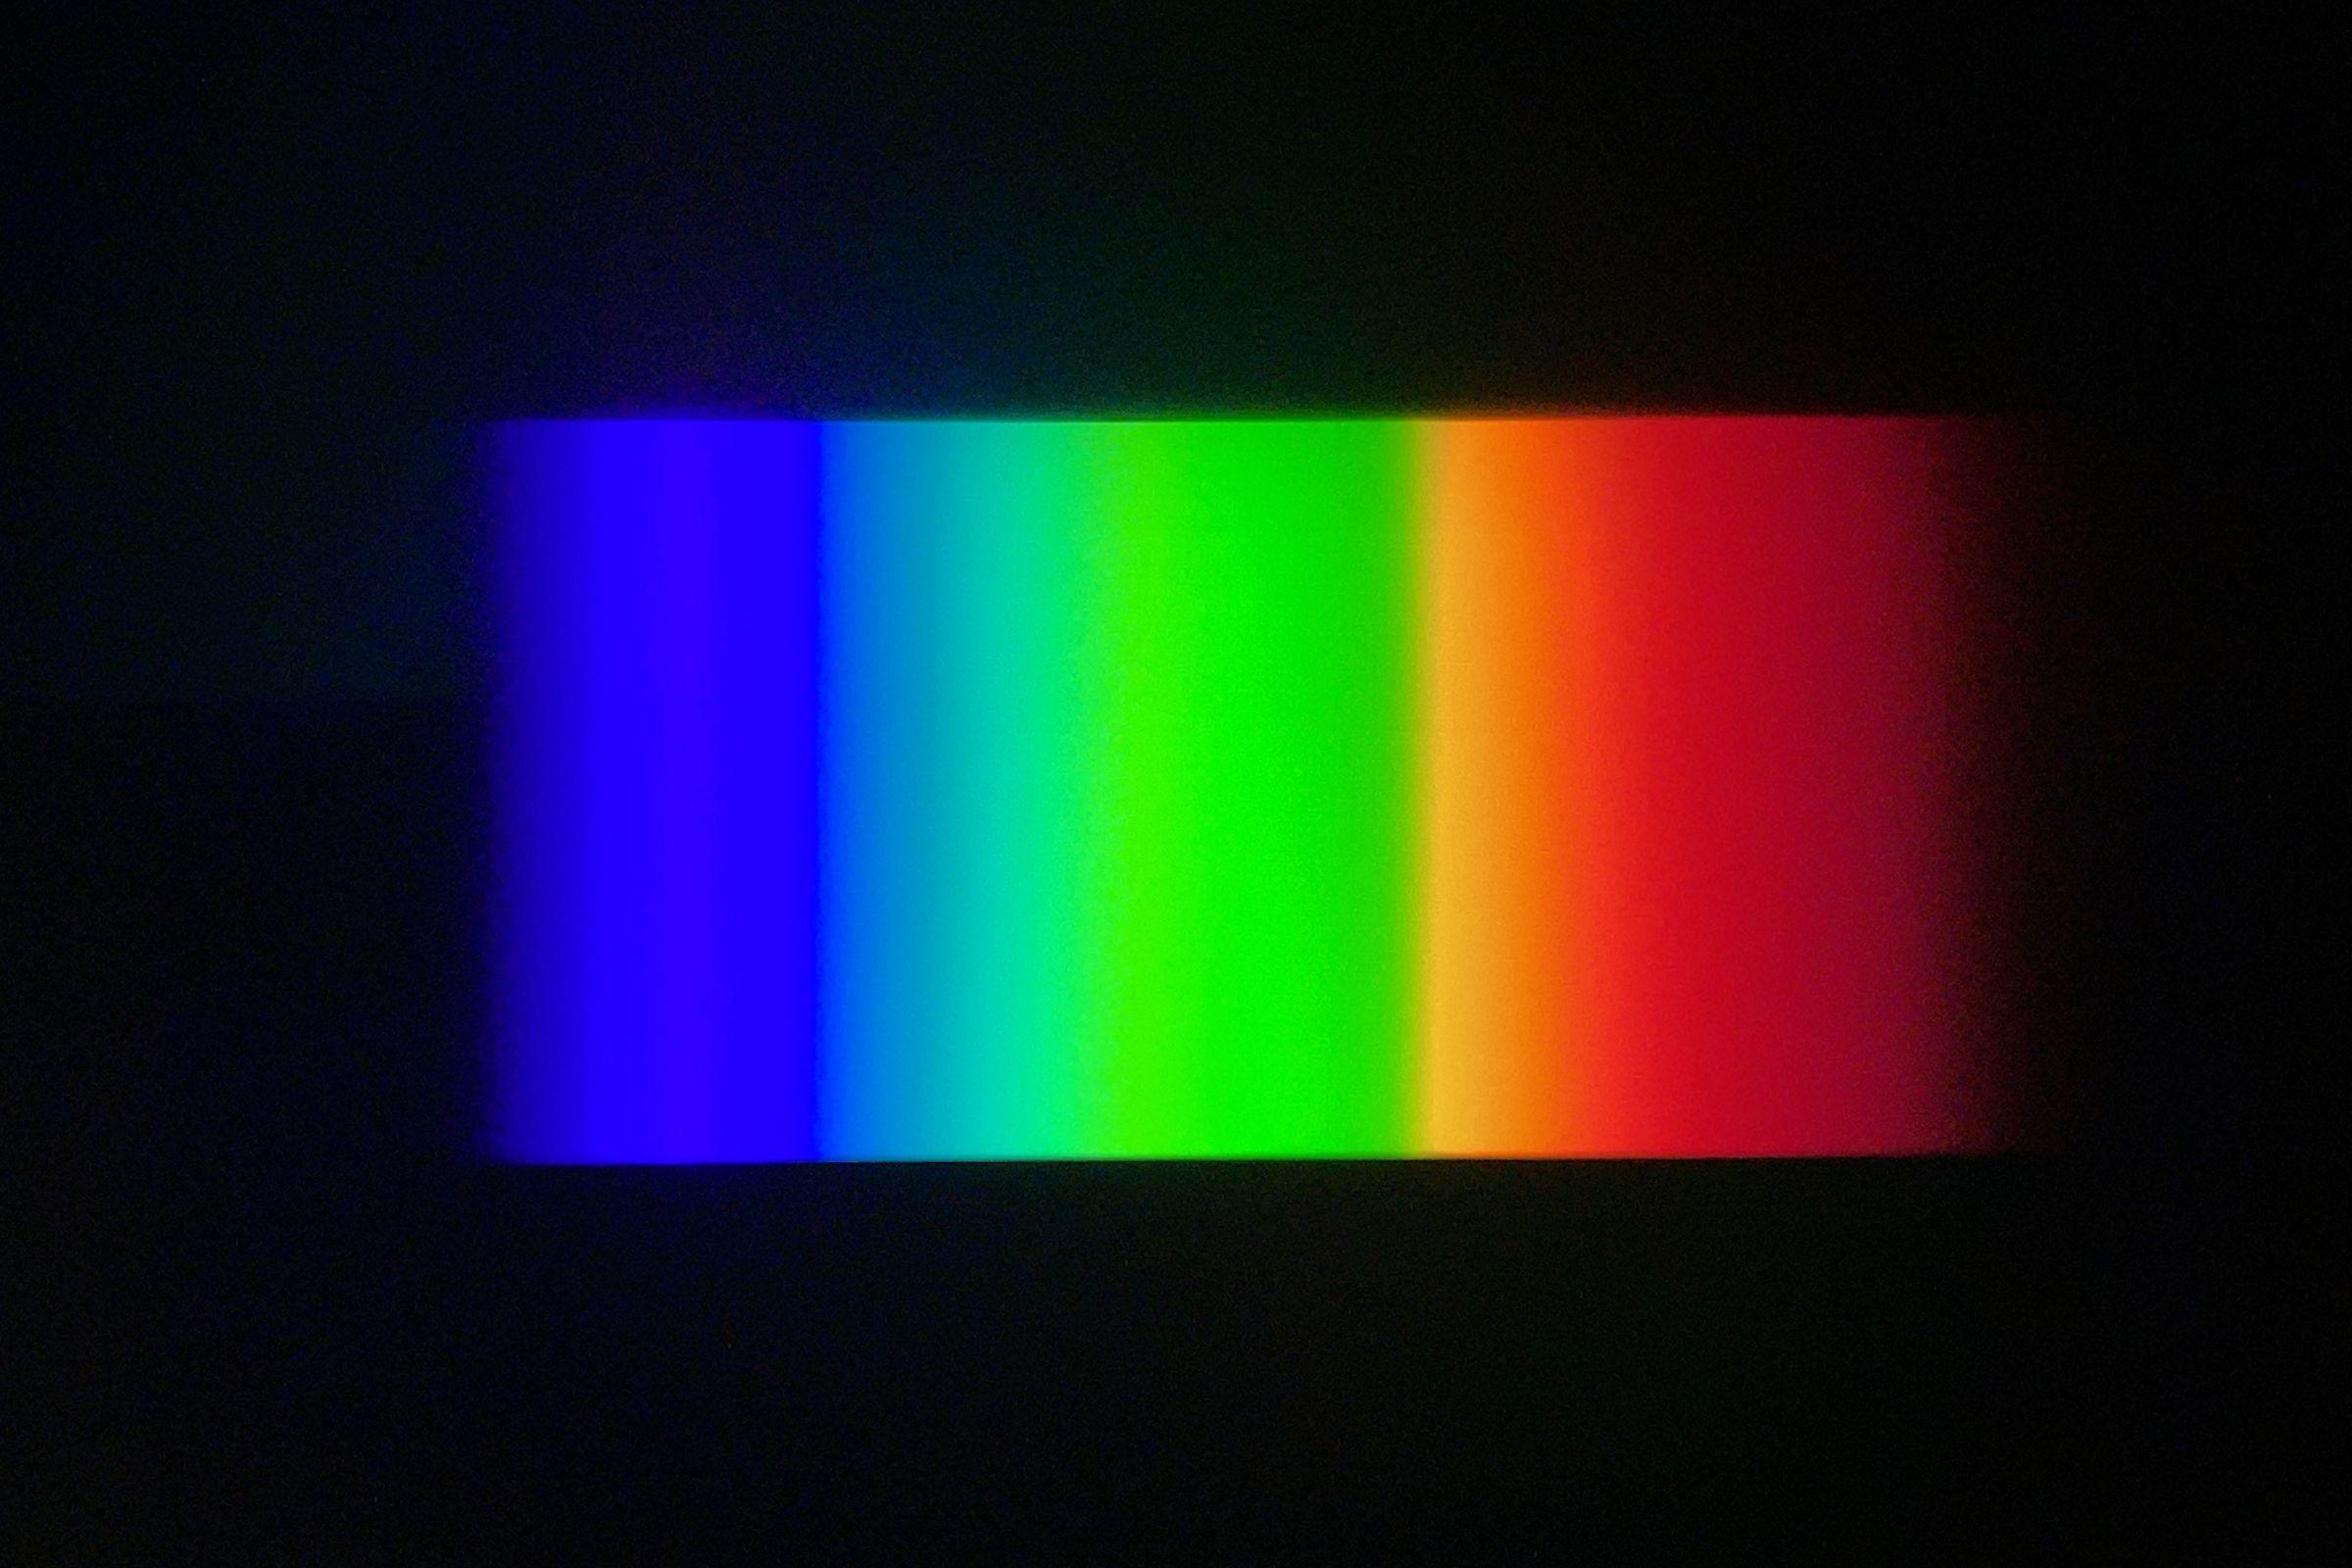 光源の分光観察。自宅の光害スペクトル_e0107605_16582715.jpg